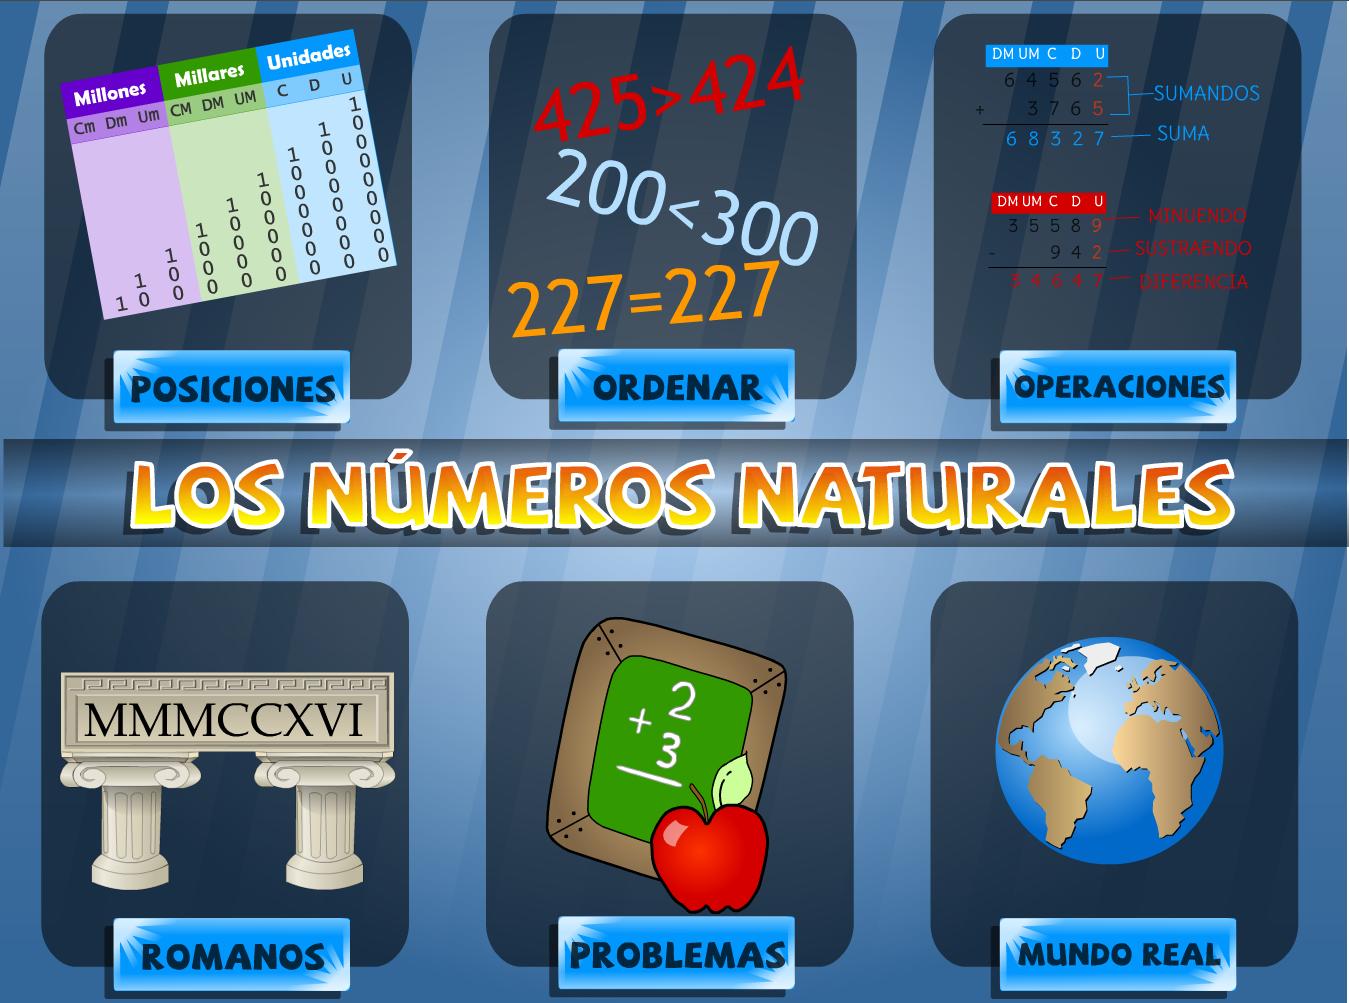 http://www.vedoque.com/juegos/matematicas-01-cifras.swf?idioma=es